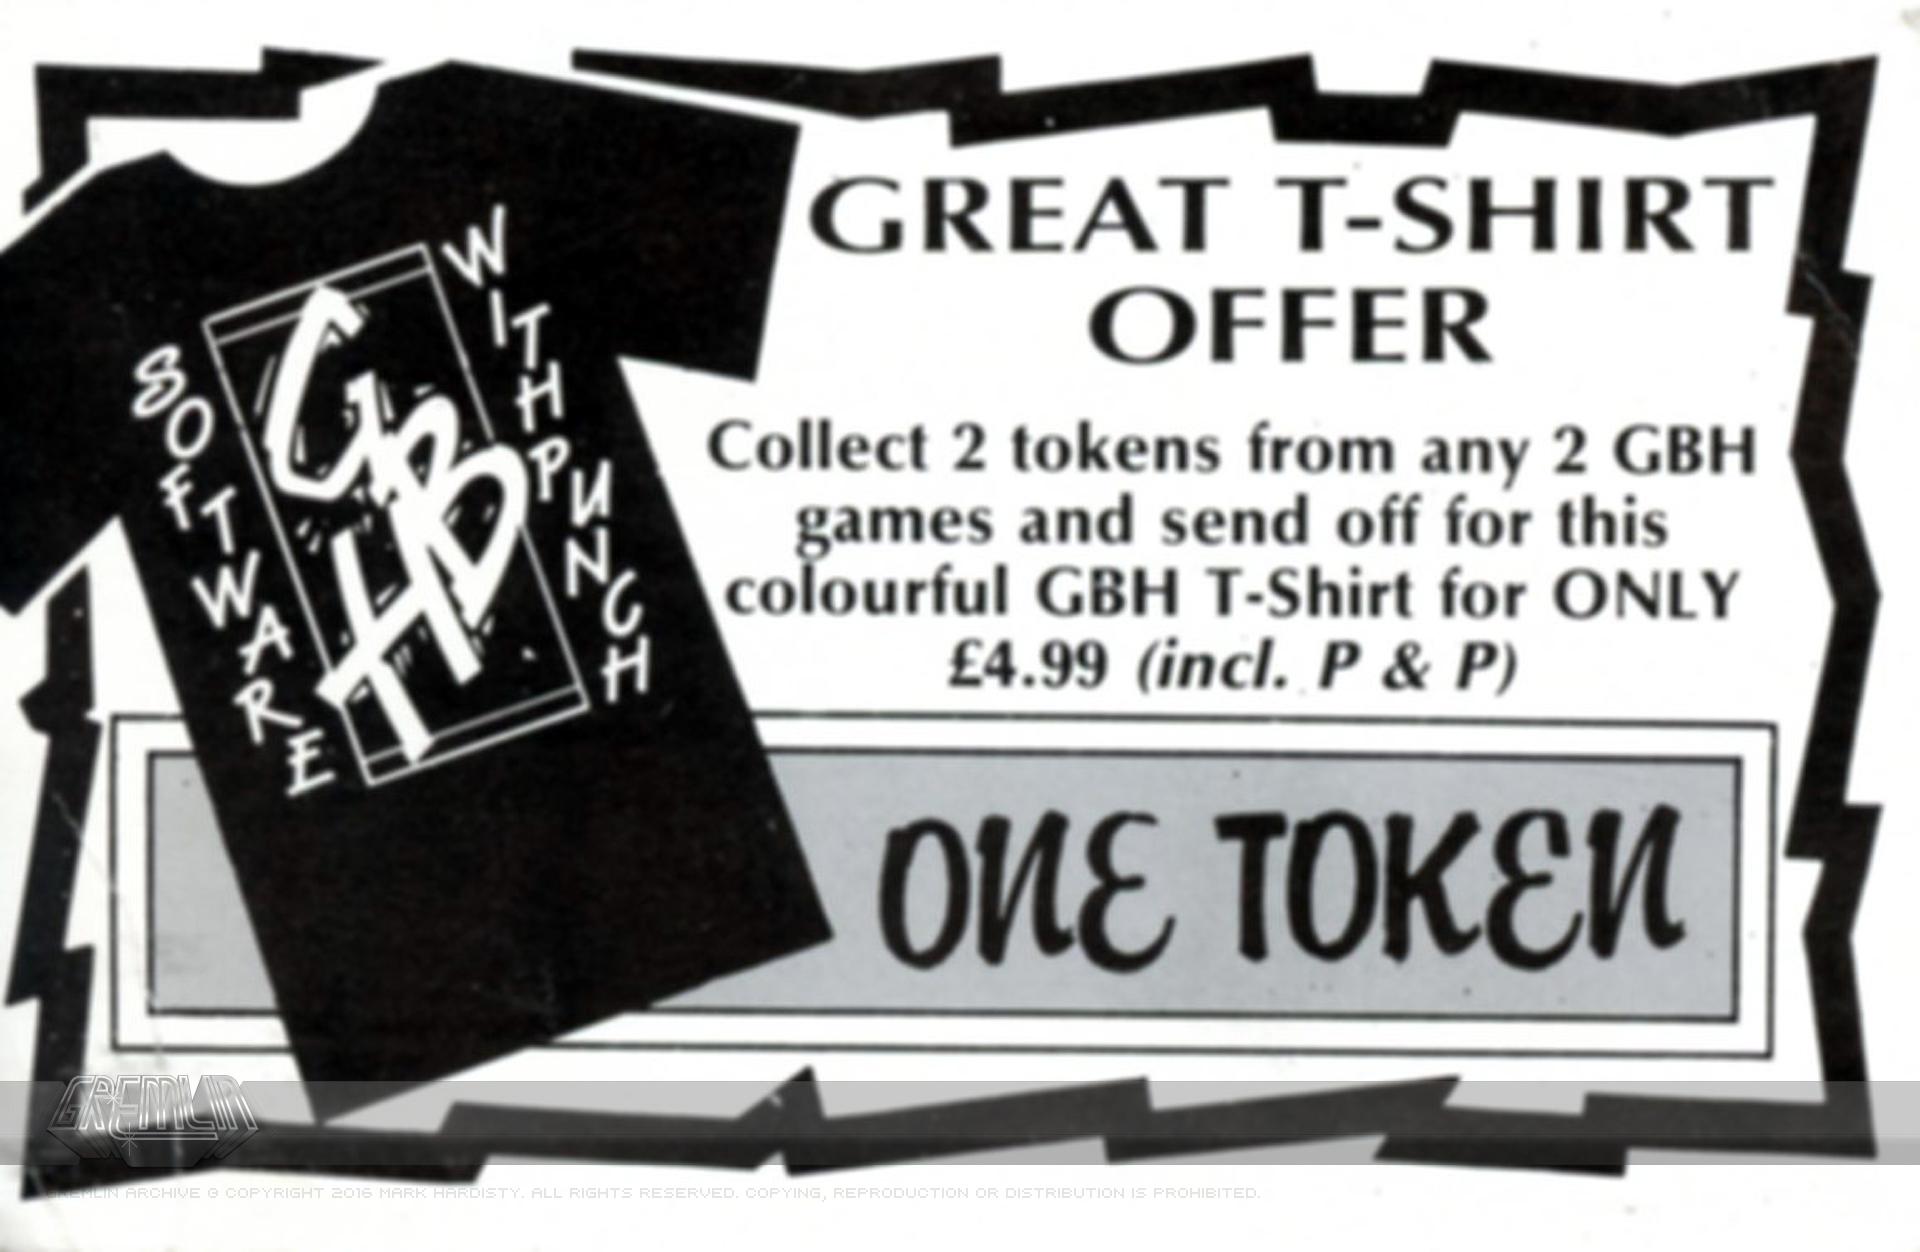 GBH T-Shirt Offer